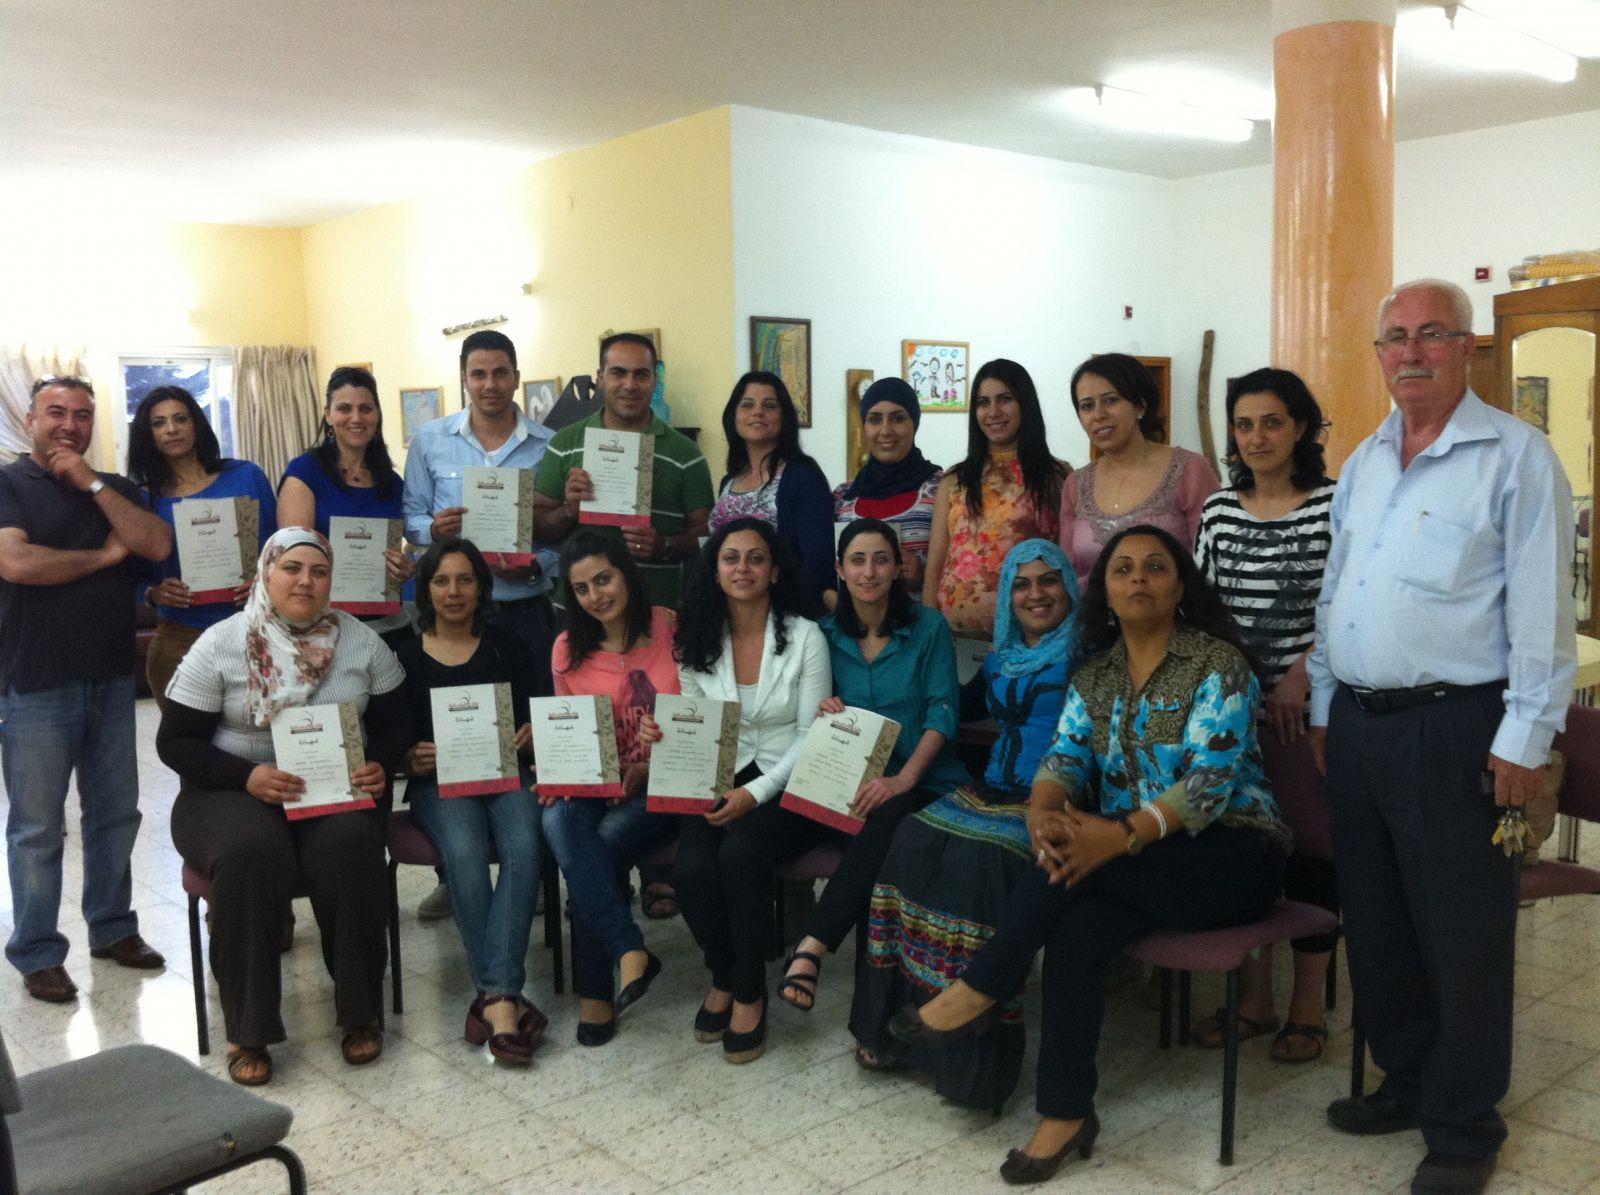 اختتام ورشة تدريبية في بيت الحنان للفتيات- النشاشيبي- في عبلين